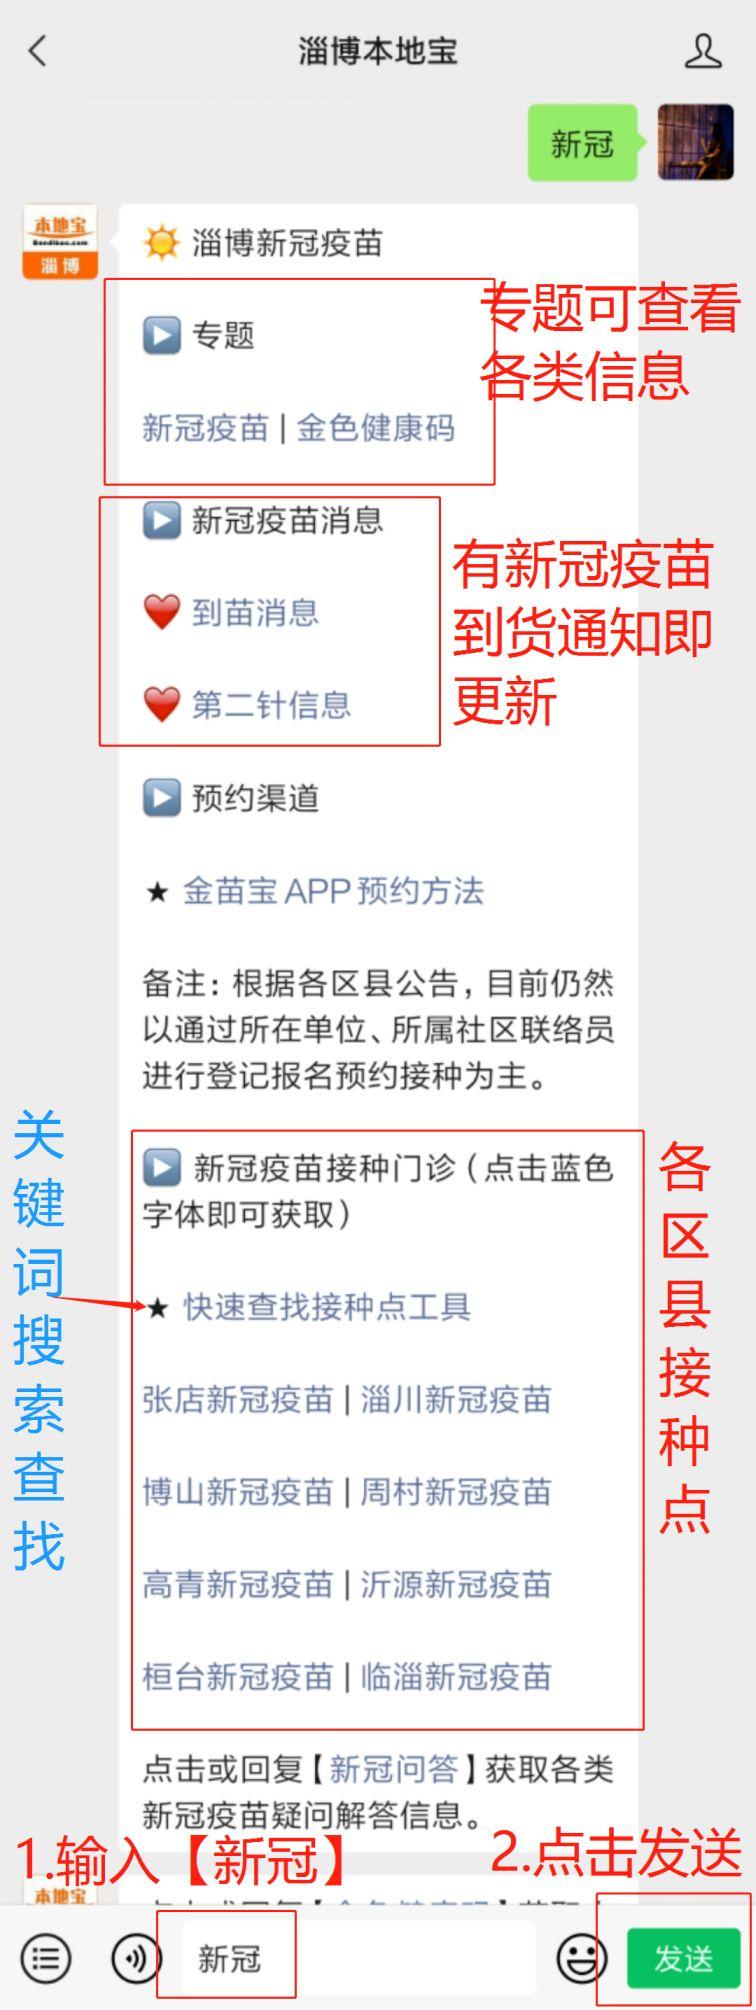 婺源县卫生局批示预防疫情投入(10.18)